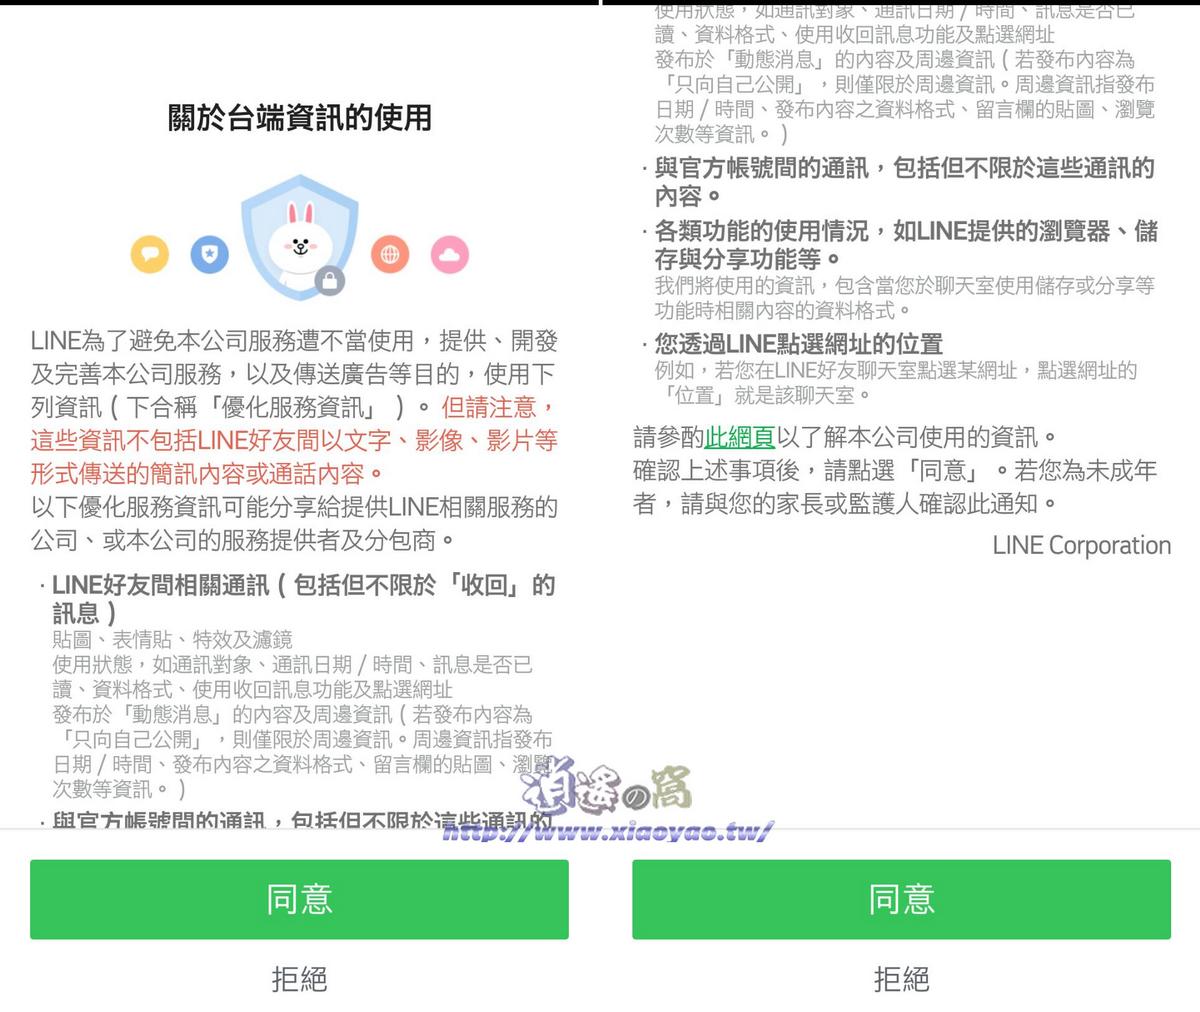 LINE 隱私權政策更新